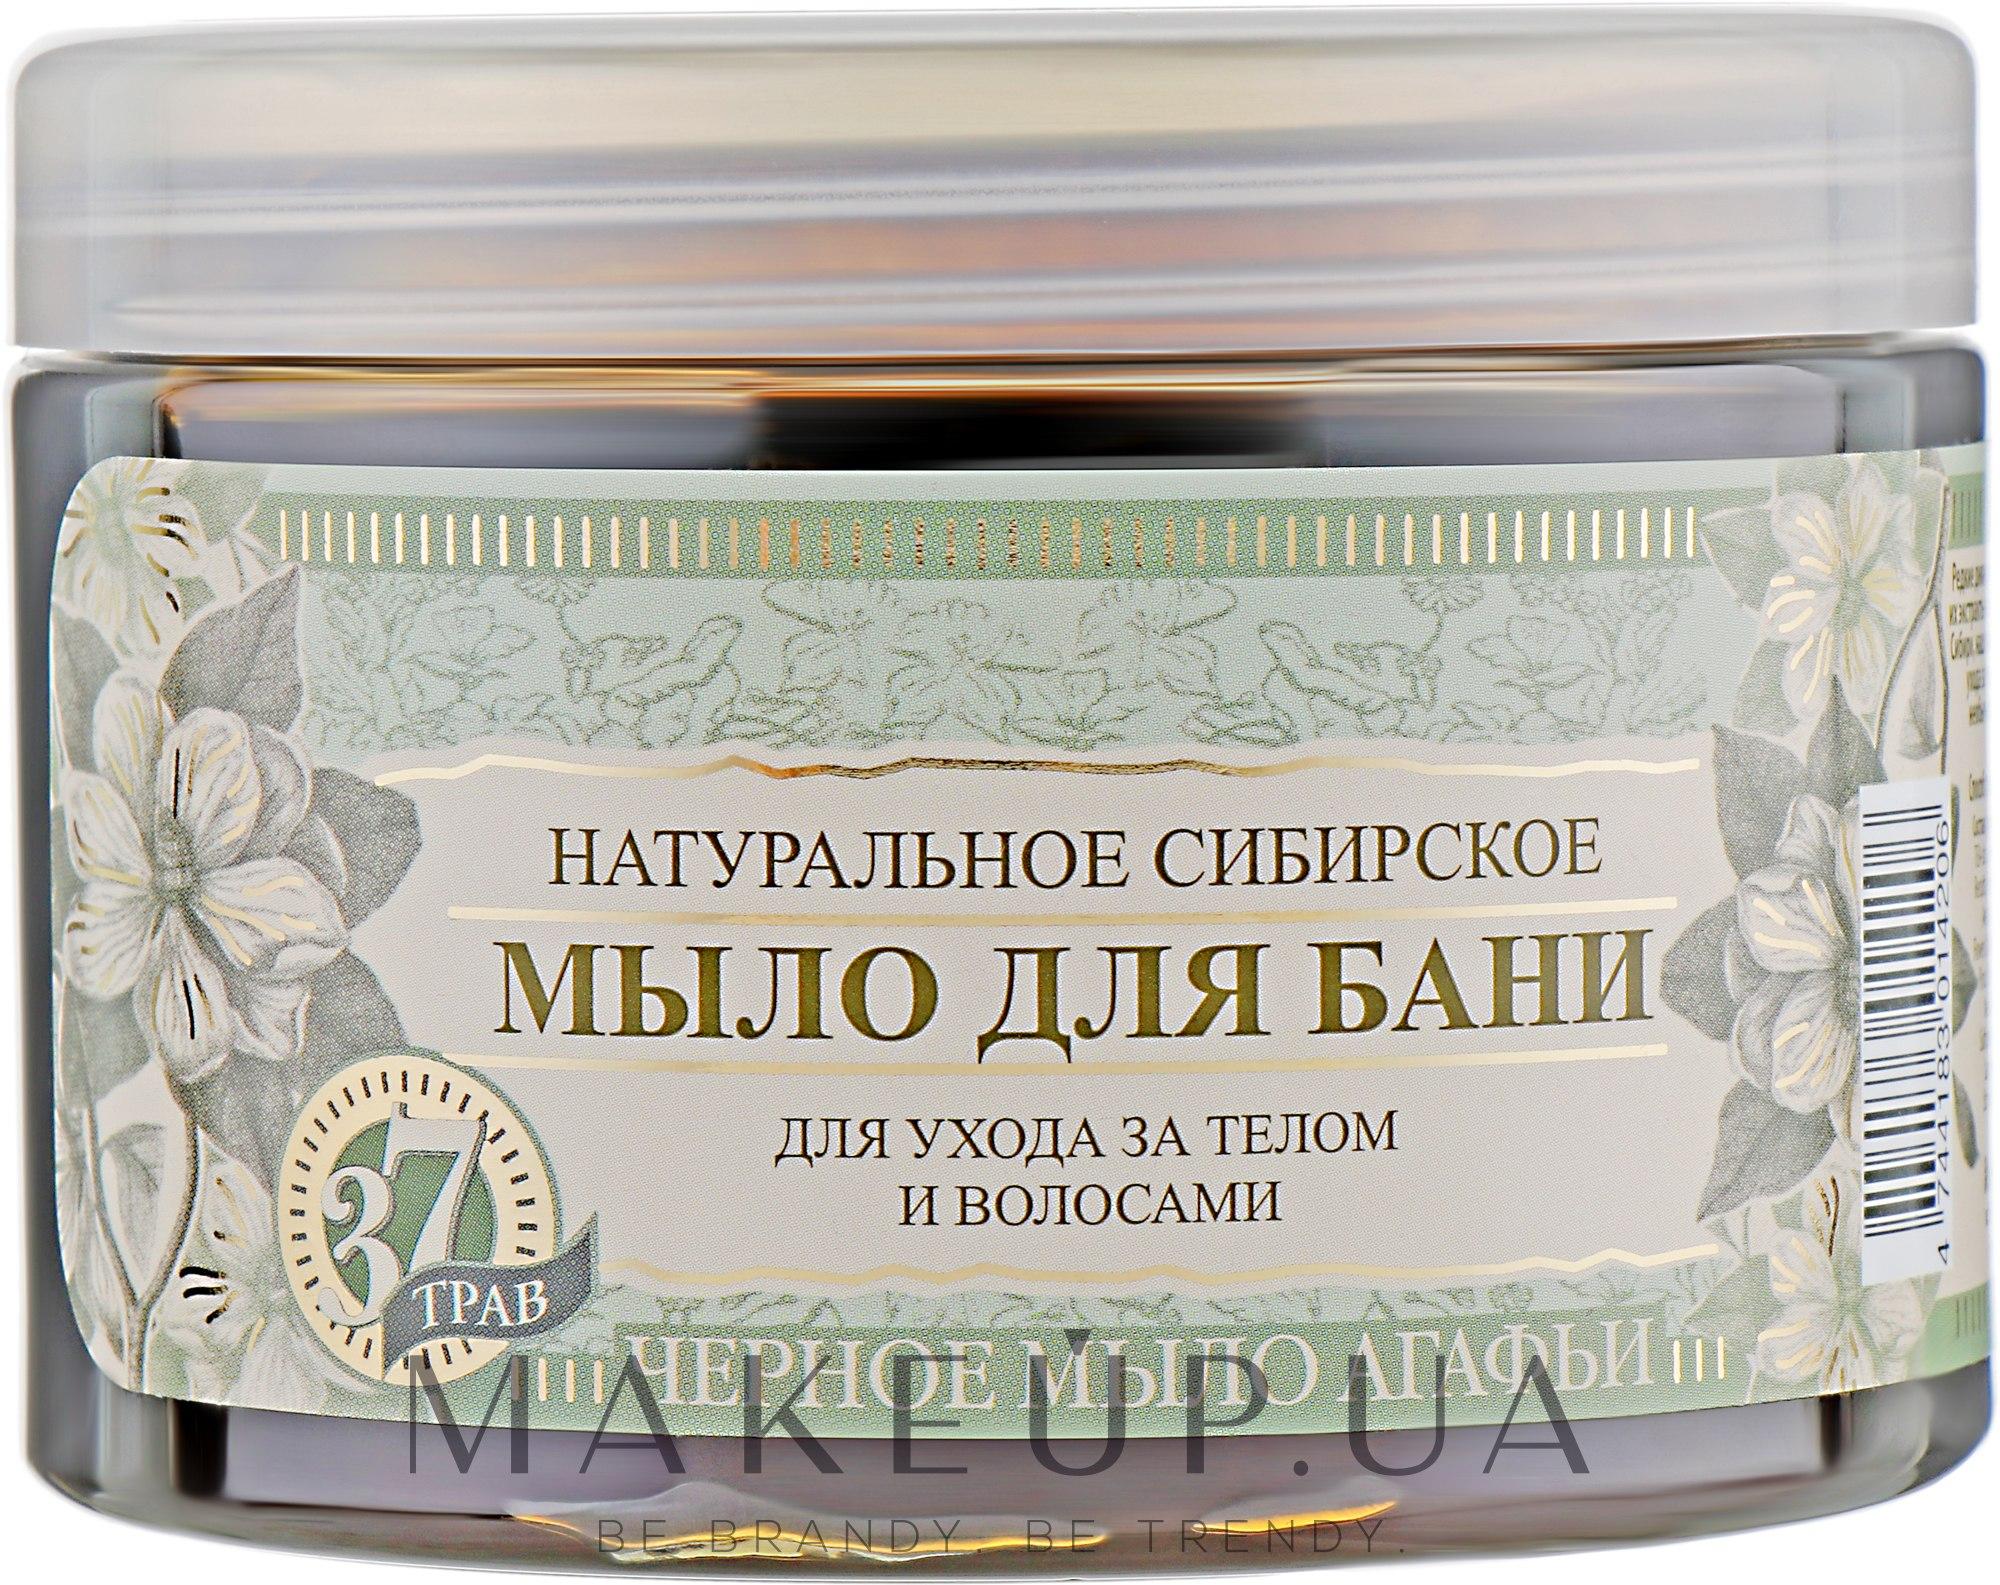 """Натуральное сибирское мыло для бани """"Черное мыло для бани"""" - Рецепты бабушки Агафьи — фото 500ml"""